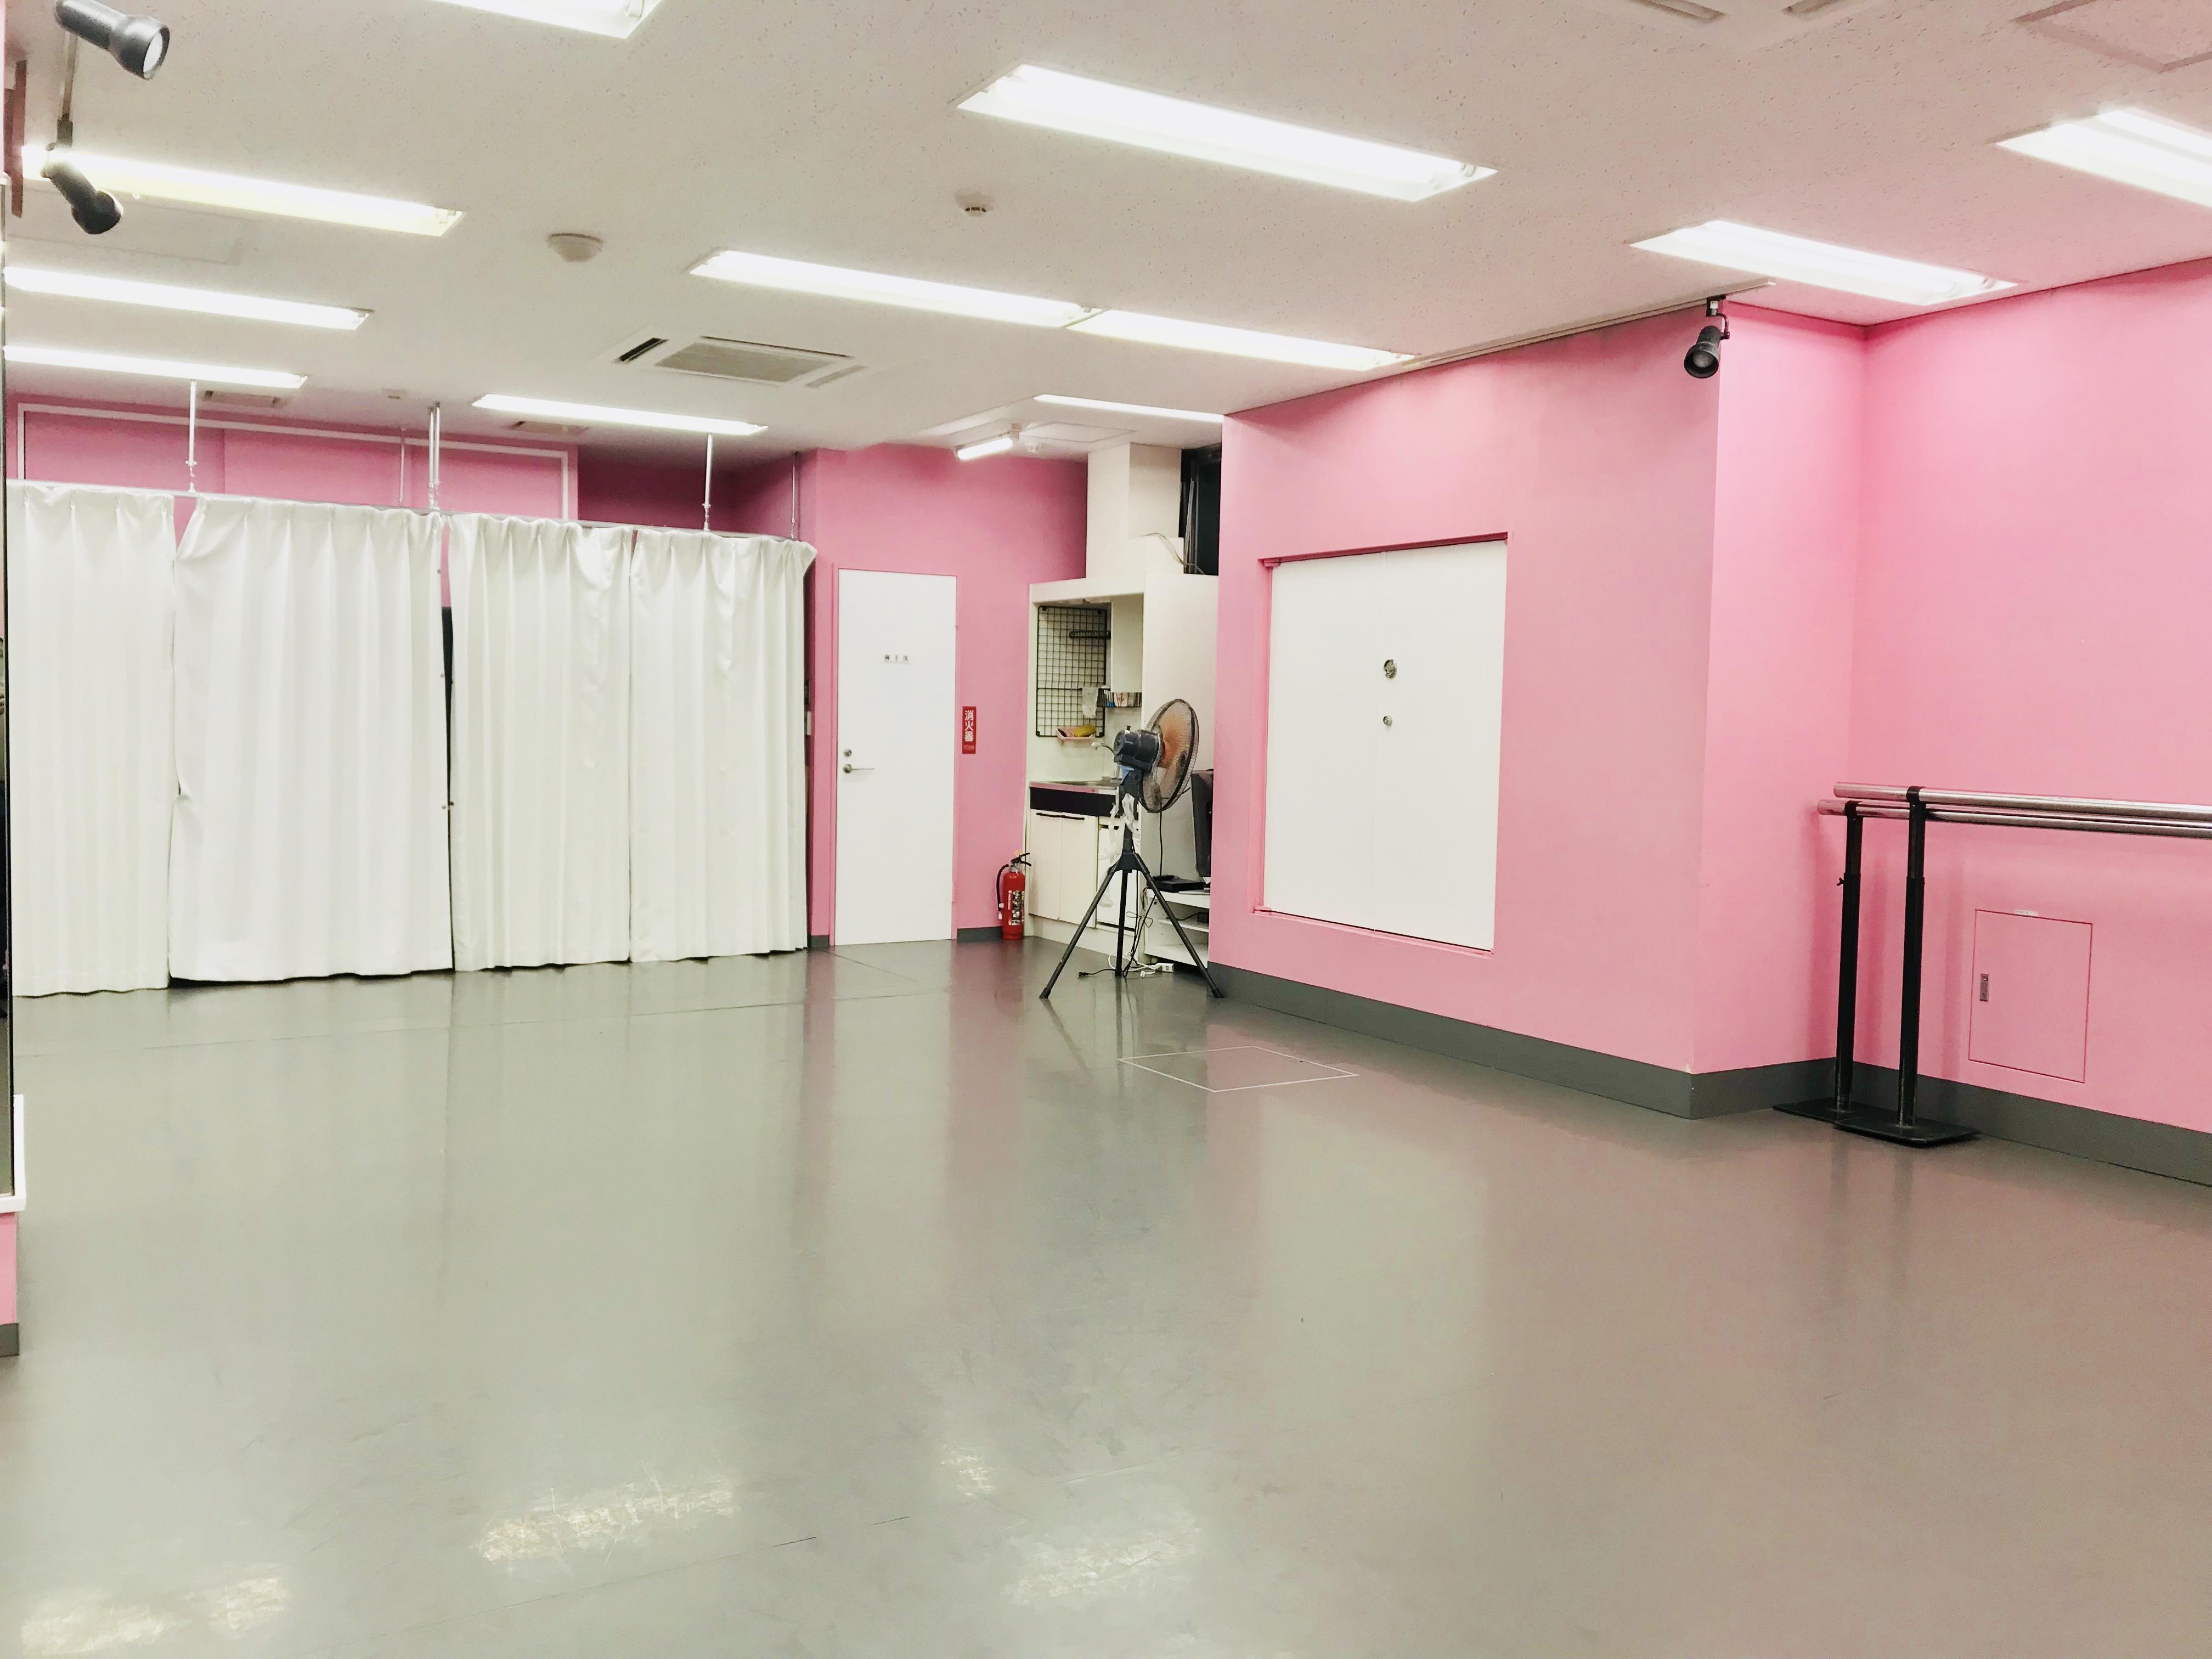 千代田区 秋葉原の貸しレンタルダンススタジオ ブルーハススタジオ 手間5